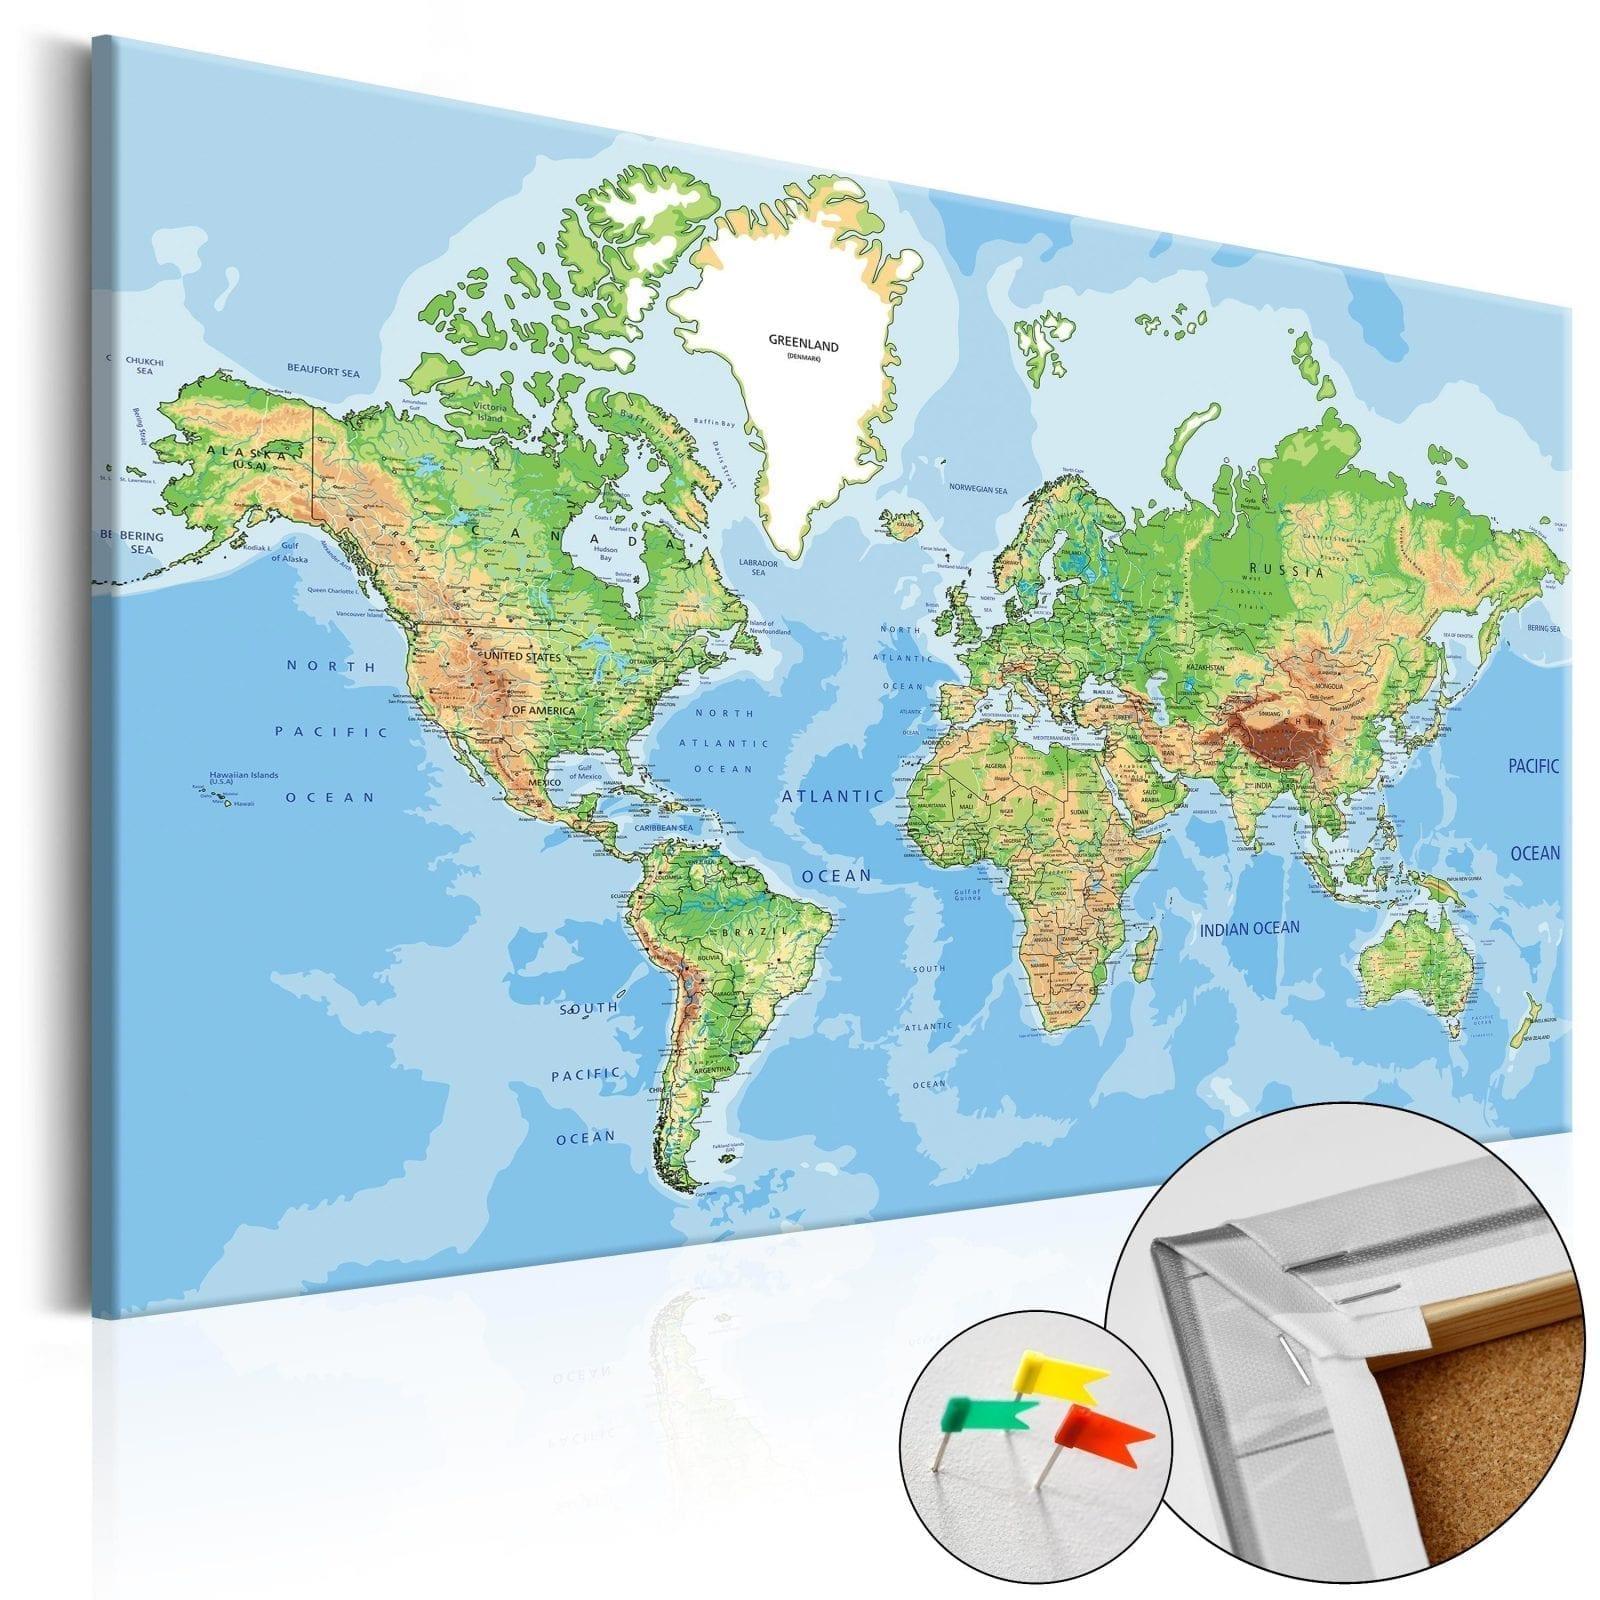 Tablero de corcho - World Geography 1   Potspintura.com